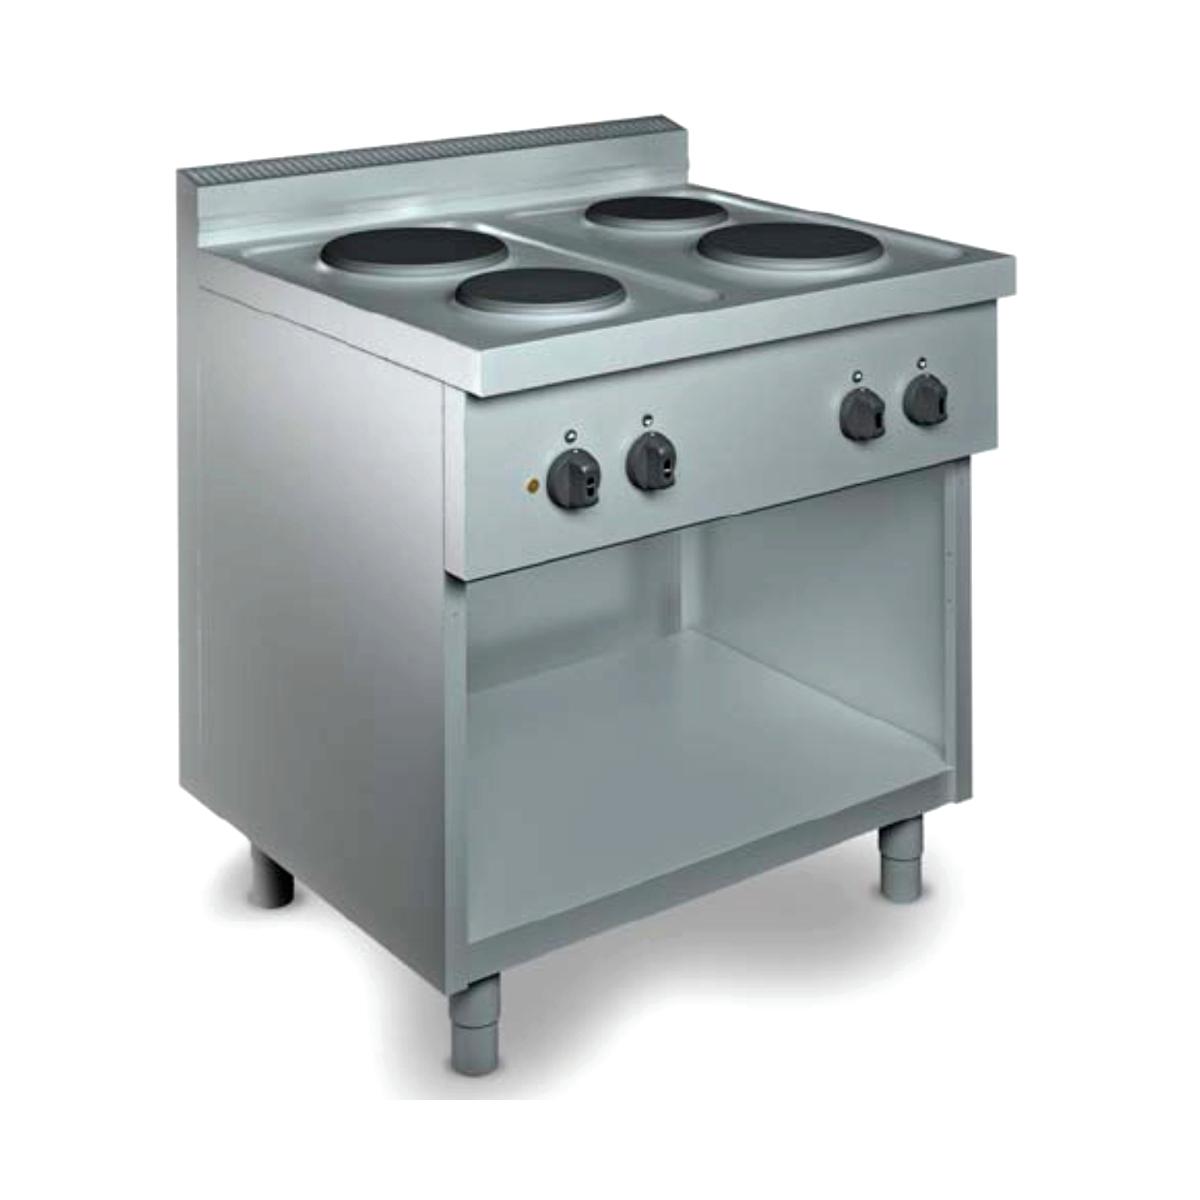 Cucina professionale 4 piastre elettriche su mobile - Cucine con piastre elettriche ...